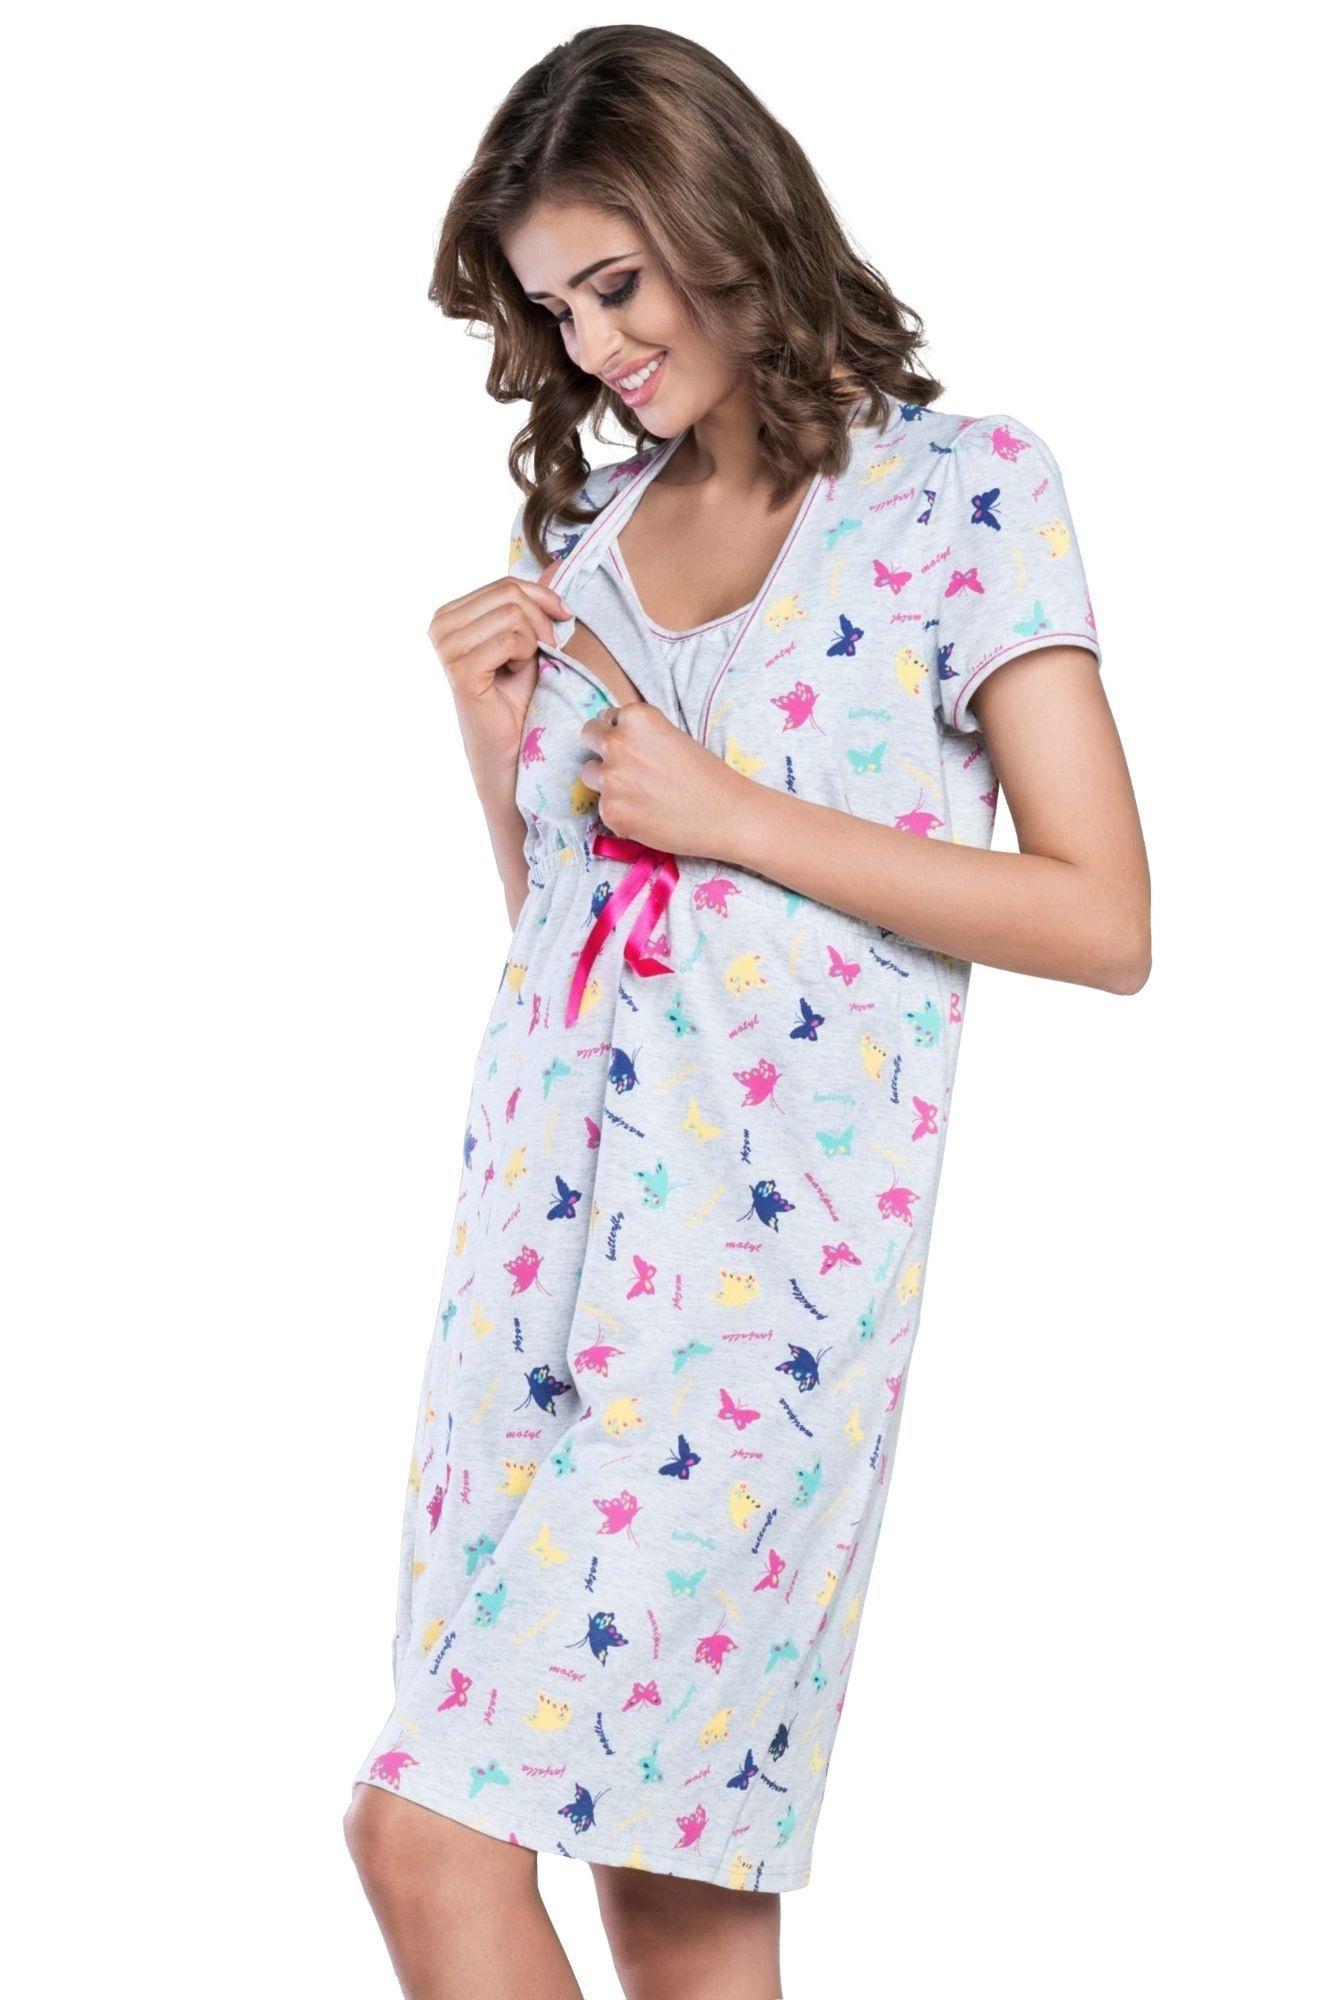 d080f453c7ab Bavlněná těhotenská a kojící noční košile Mariposa šedá